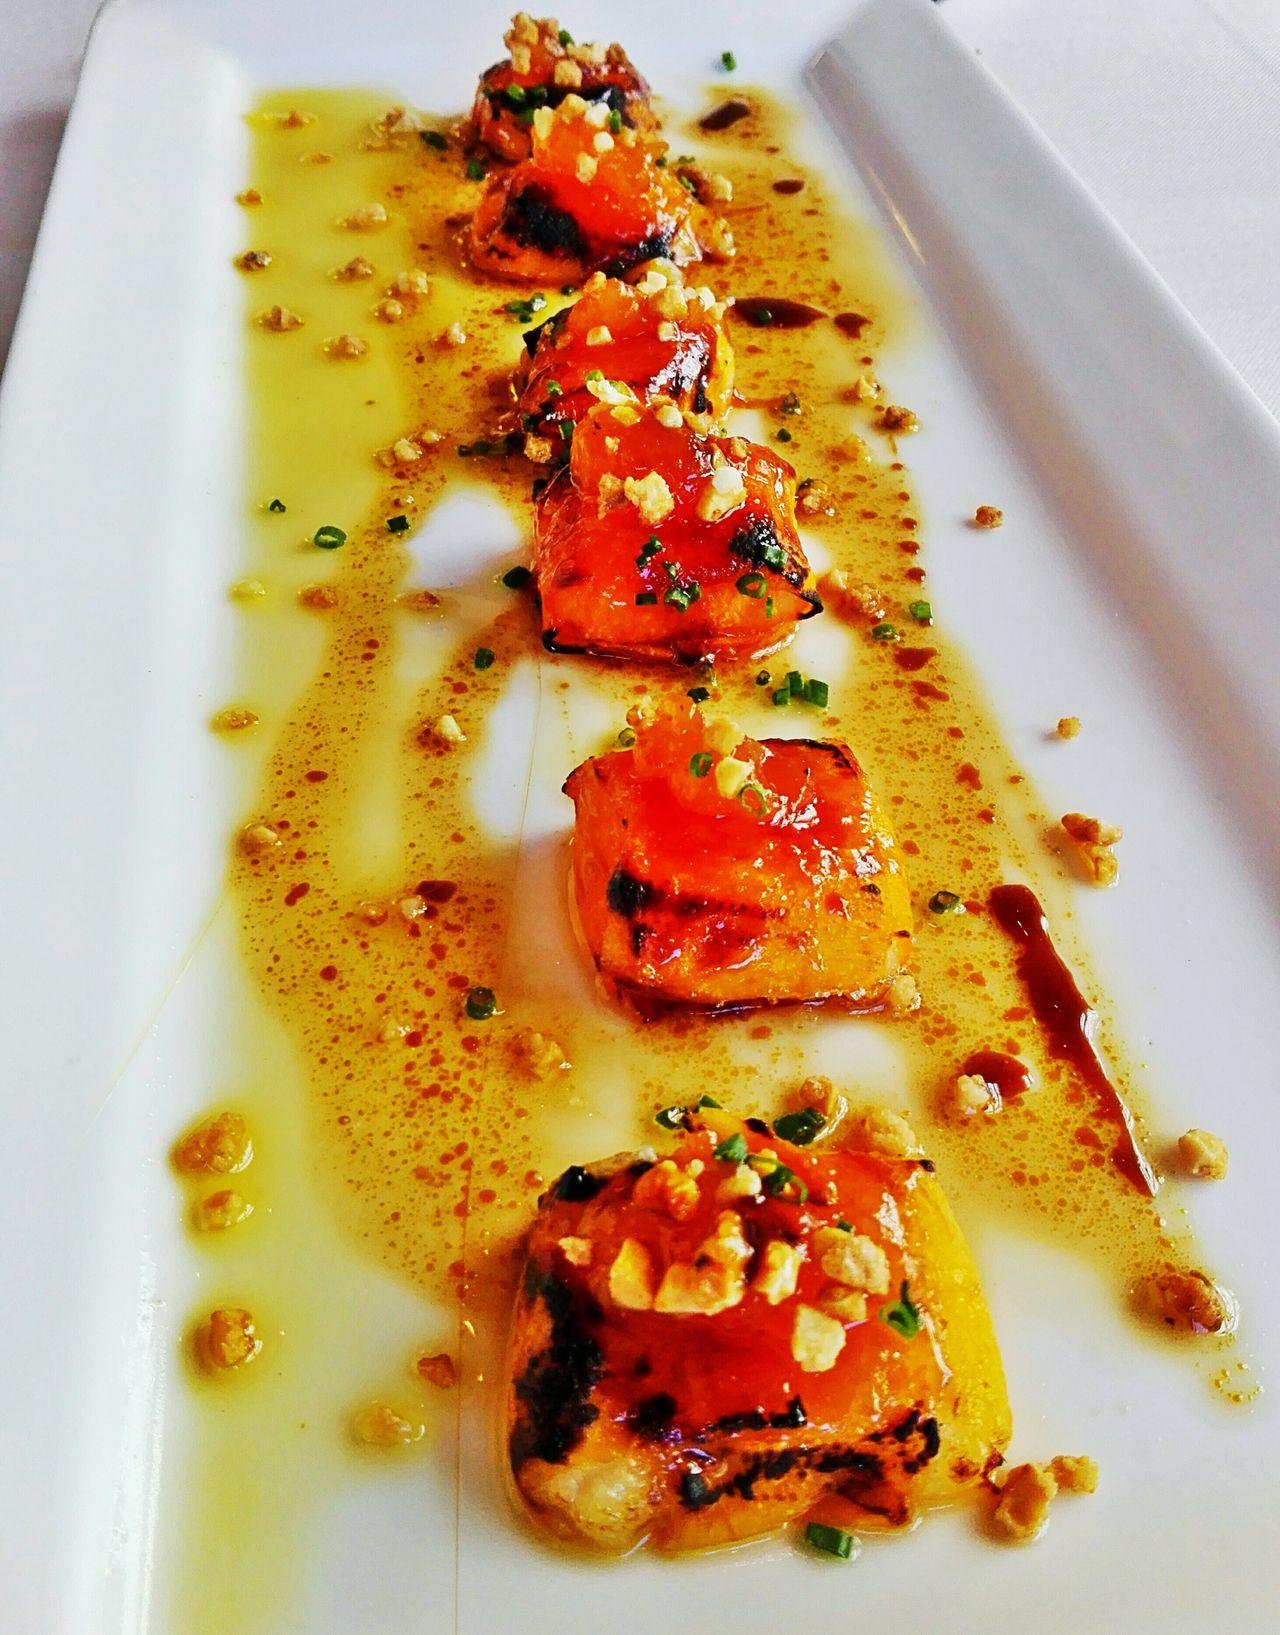 Pumpkin ravioli Food And Drink Foodporn Foodphotography Delicious Temptation